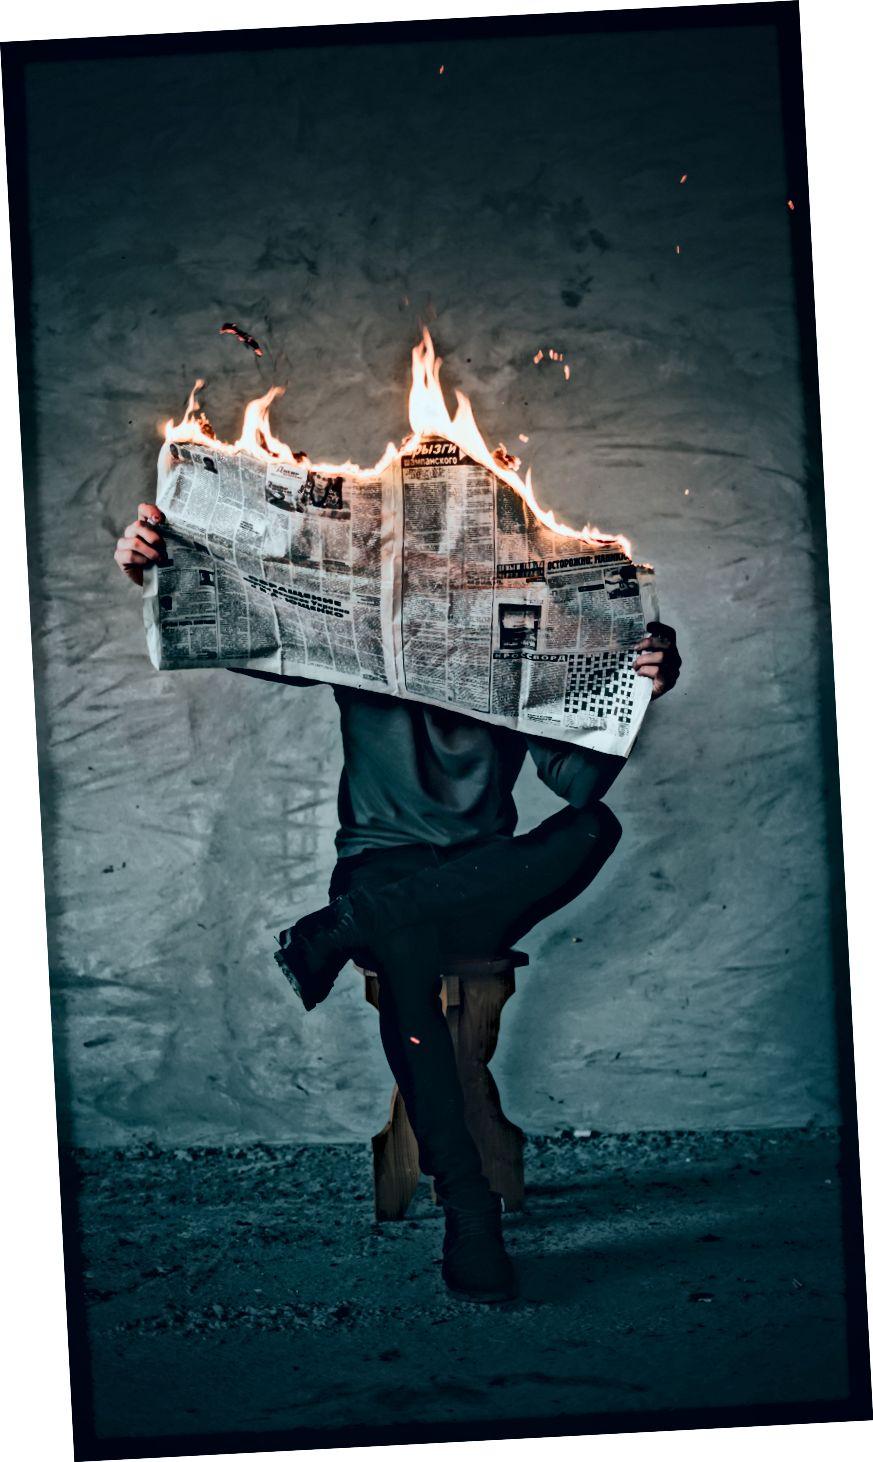 """""""Сюрреалистична фотография на човек, който чете вестници в огън, докато седи на табуретка"""" от Илия О'Донъл на Unsplash"""